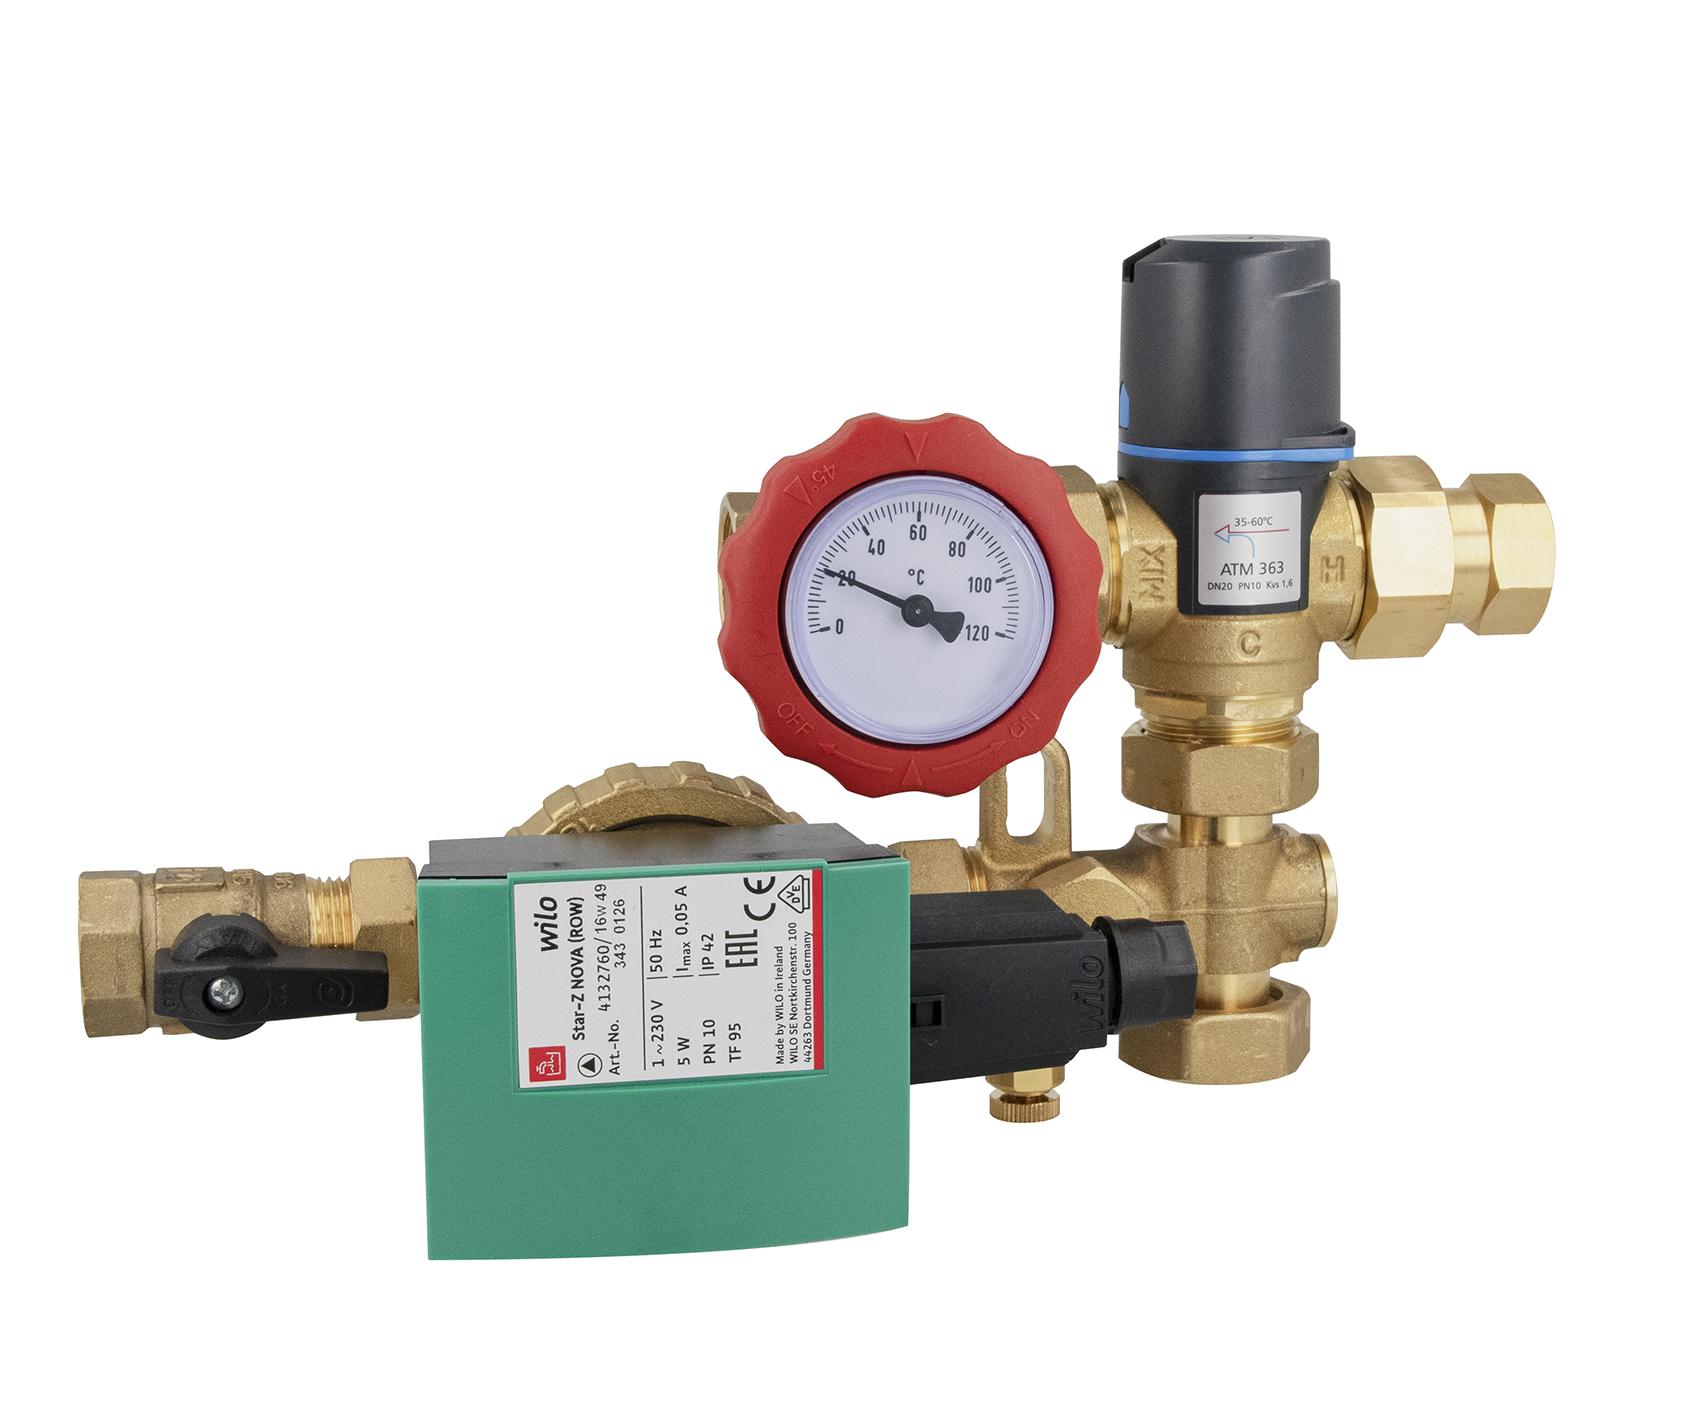 Grupa pompowa do cyrkulacji ciepłej wody użytkowej WZS 75, ATM Kvs 1,6 m3/h